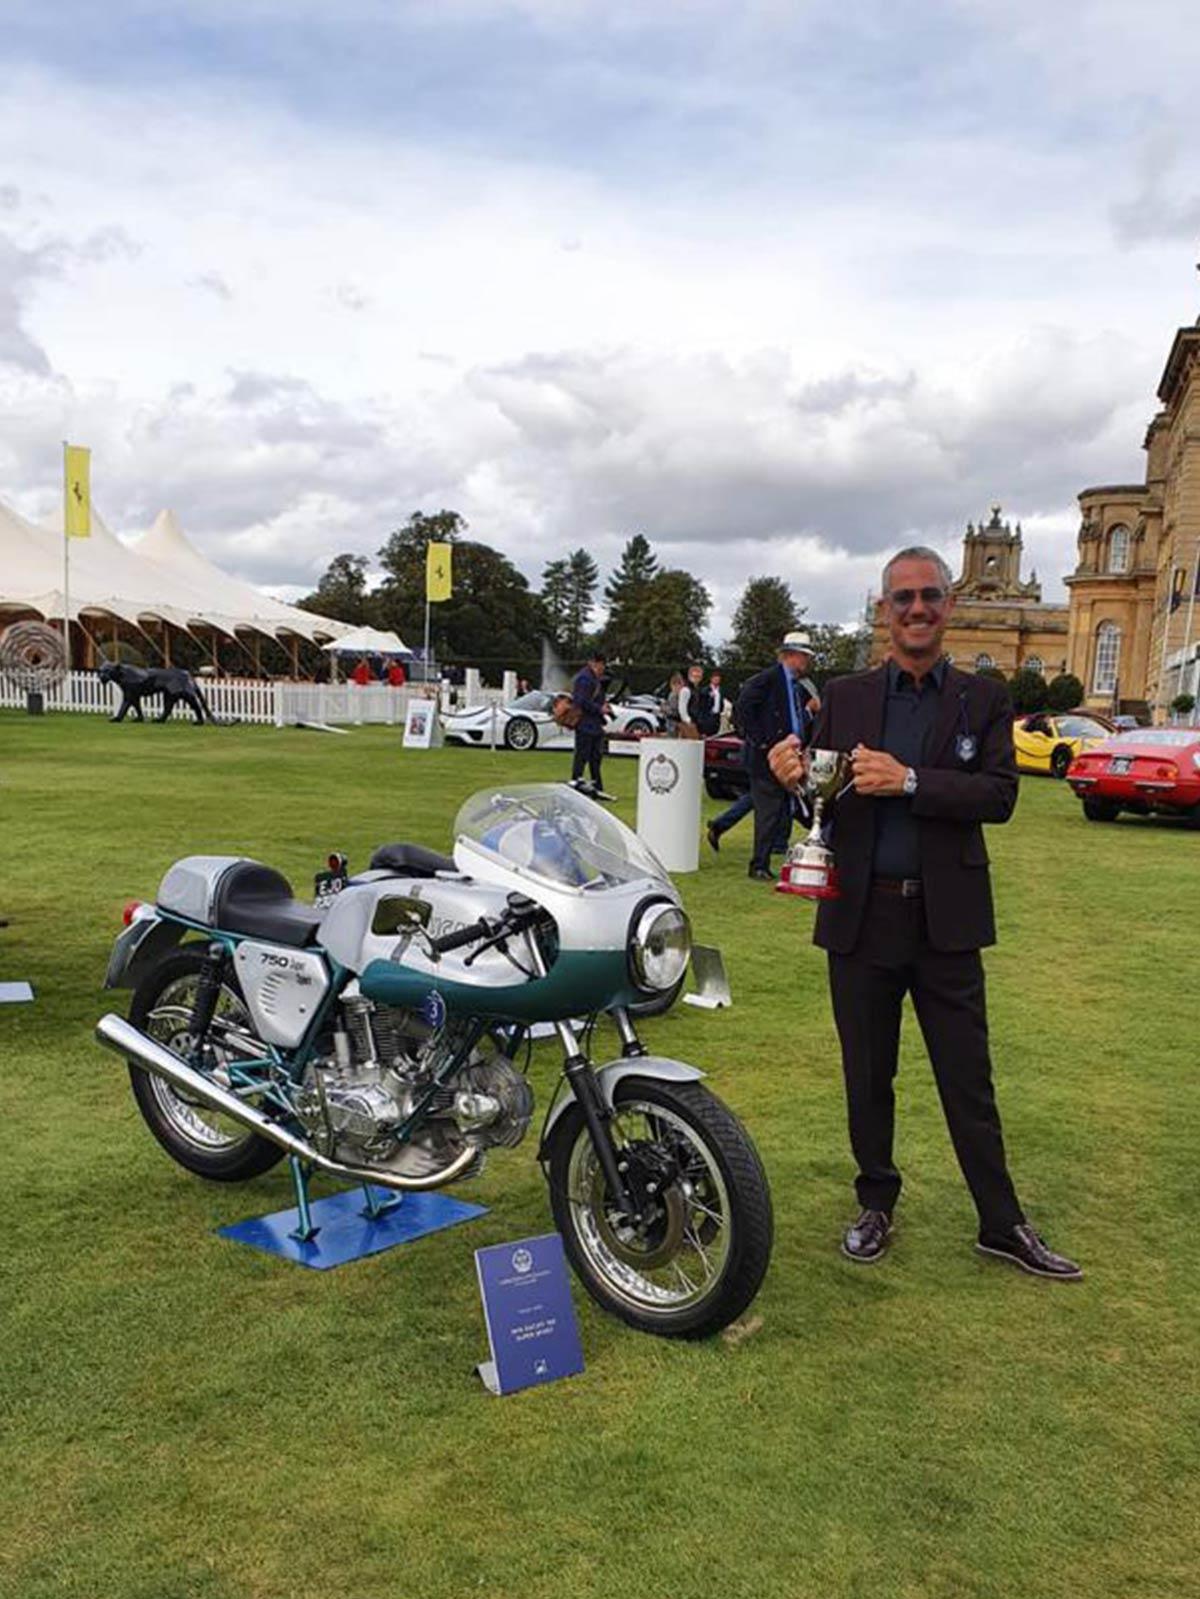 Ducati expert London